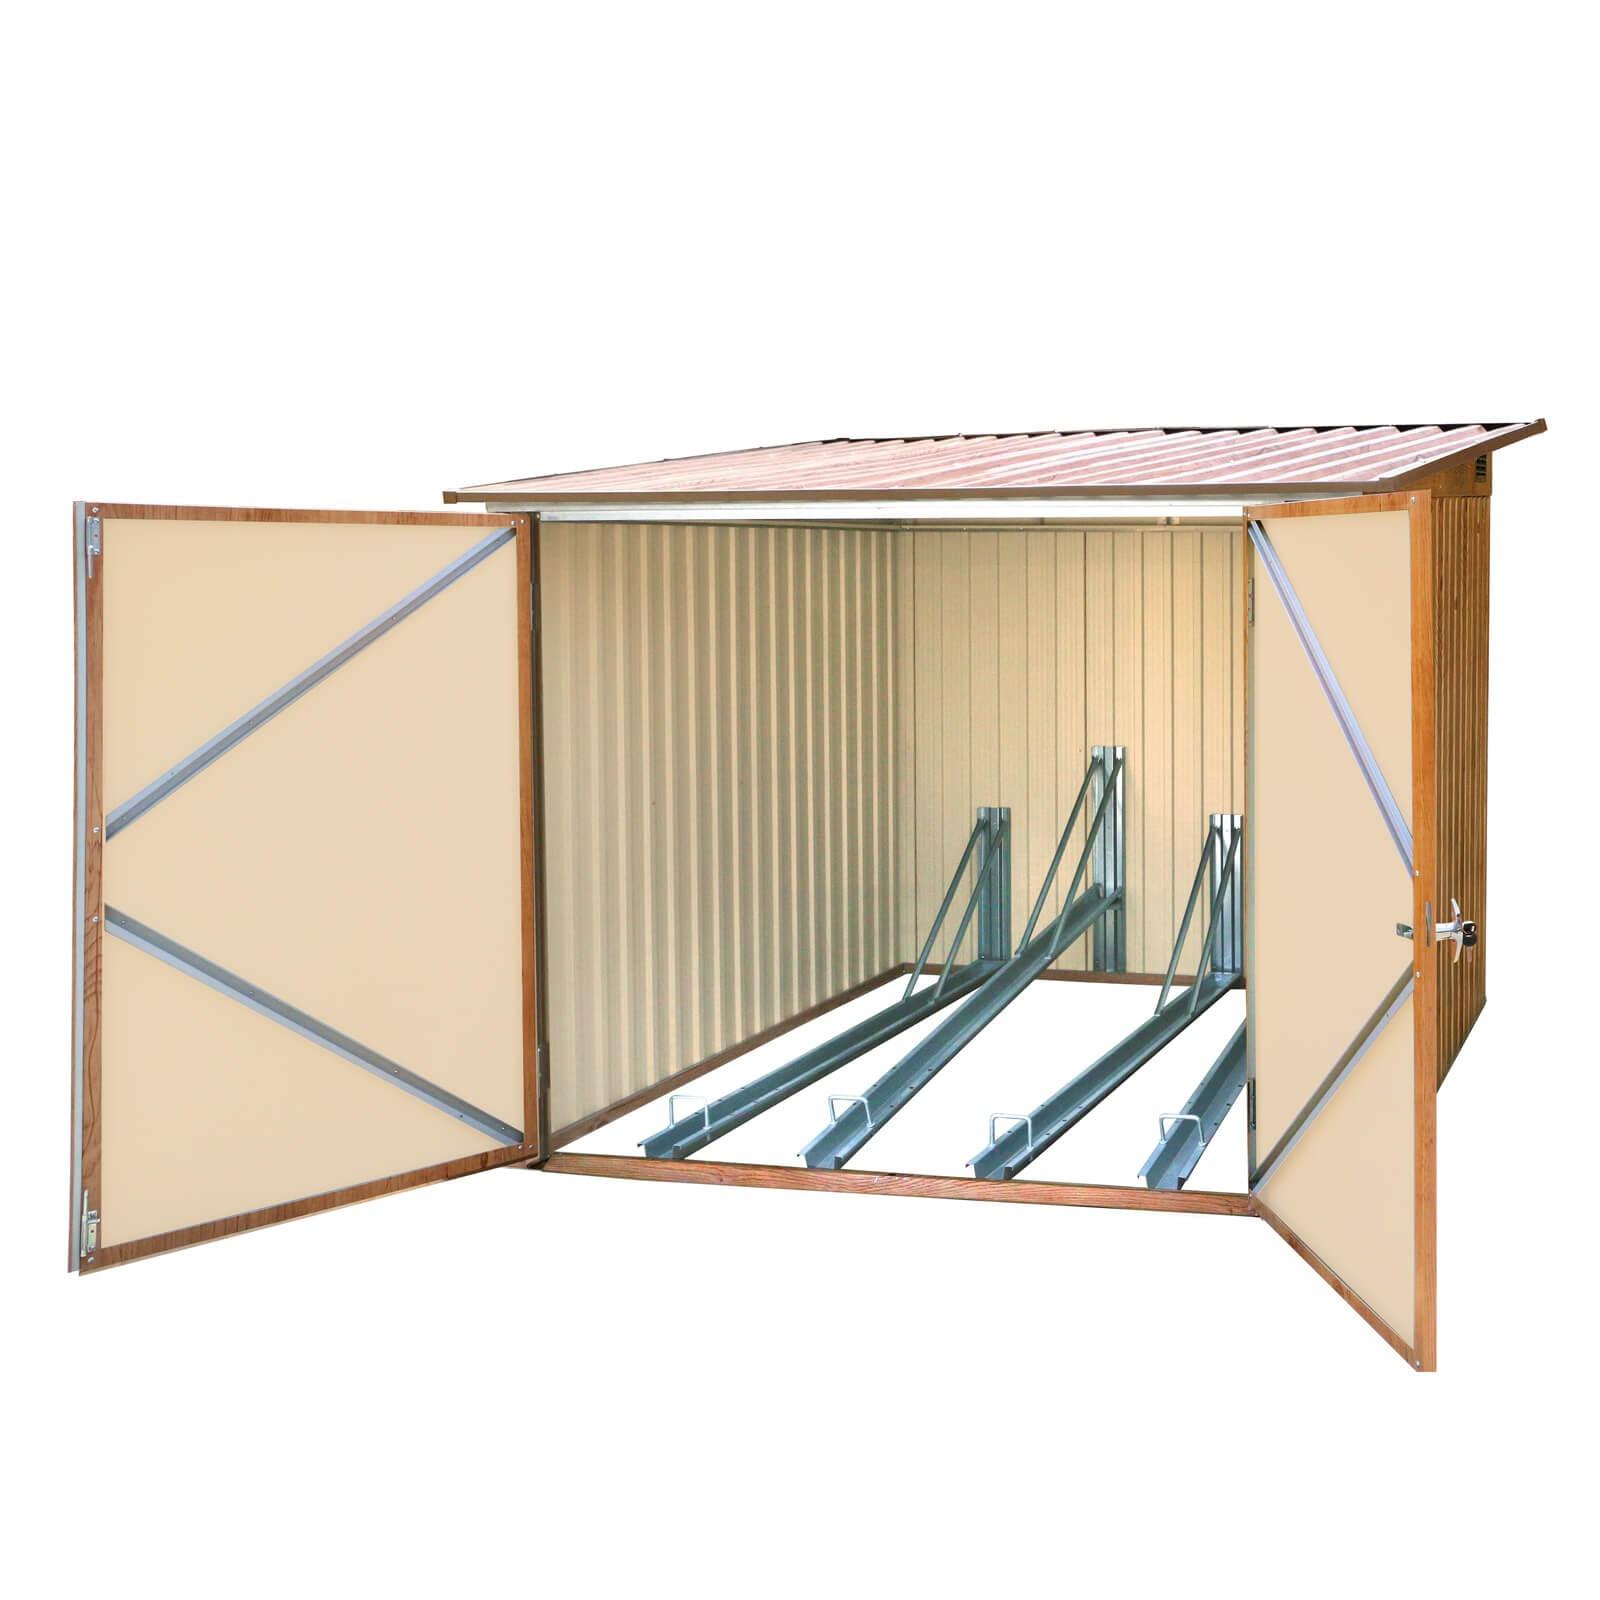 metall fahrradgarage fahrradbox fahrradschuppen holz dekor f r 4 fahrr der ebay. Black Bedroom Furniture Sets. Home Design Ideas